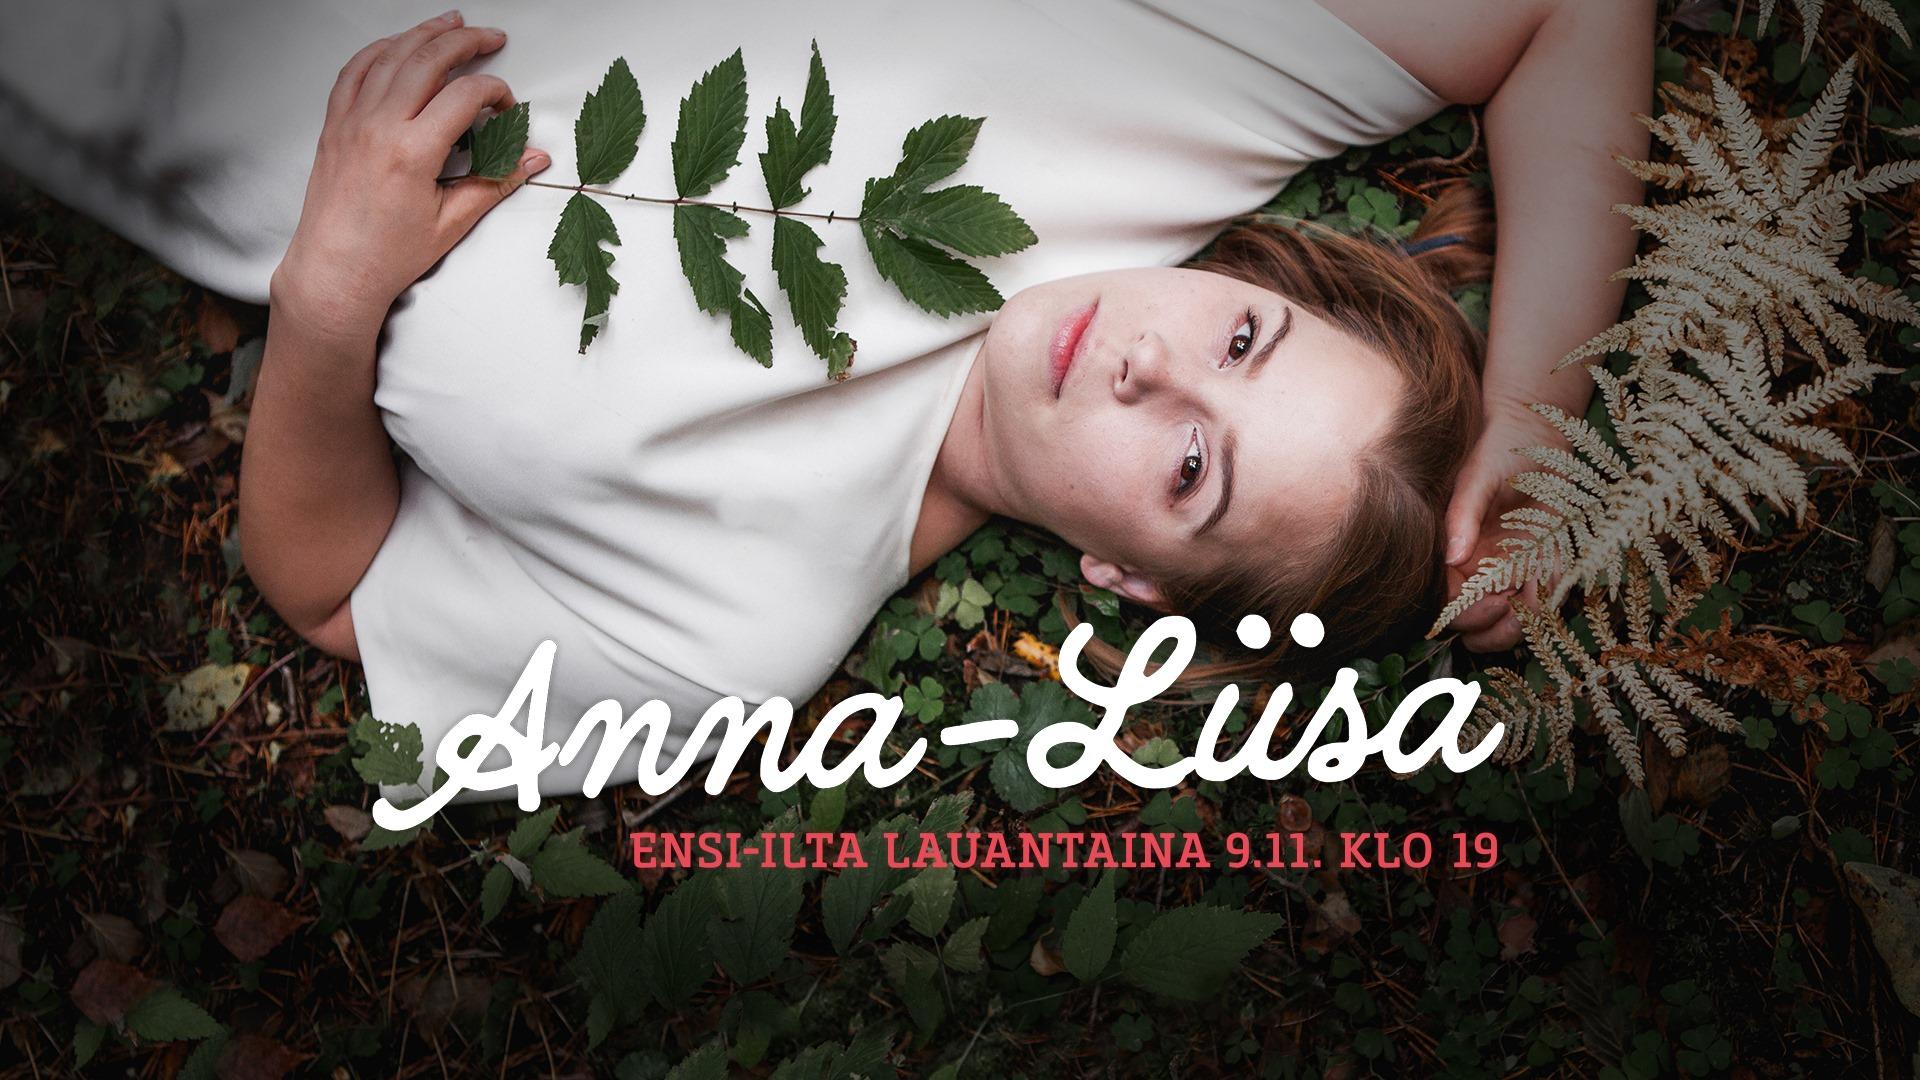 Anna-Liisa